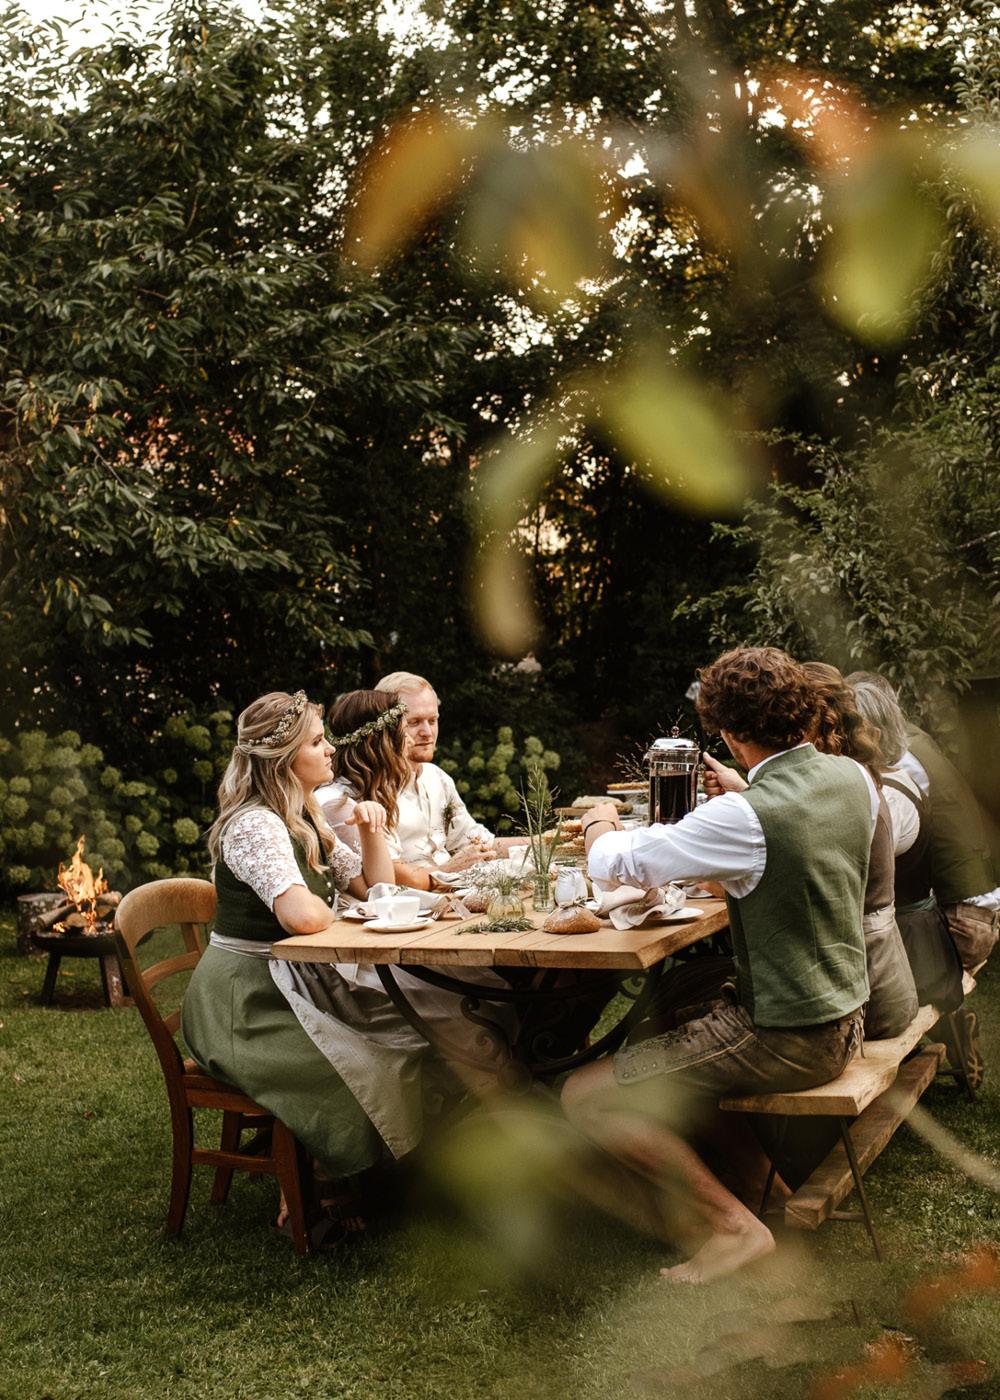 Eine gemütliche Runde aus Gästen und Hochzeitspaar sitzt im Garten und freut sich über den Kuchen.